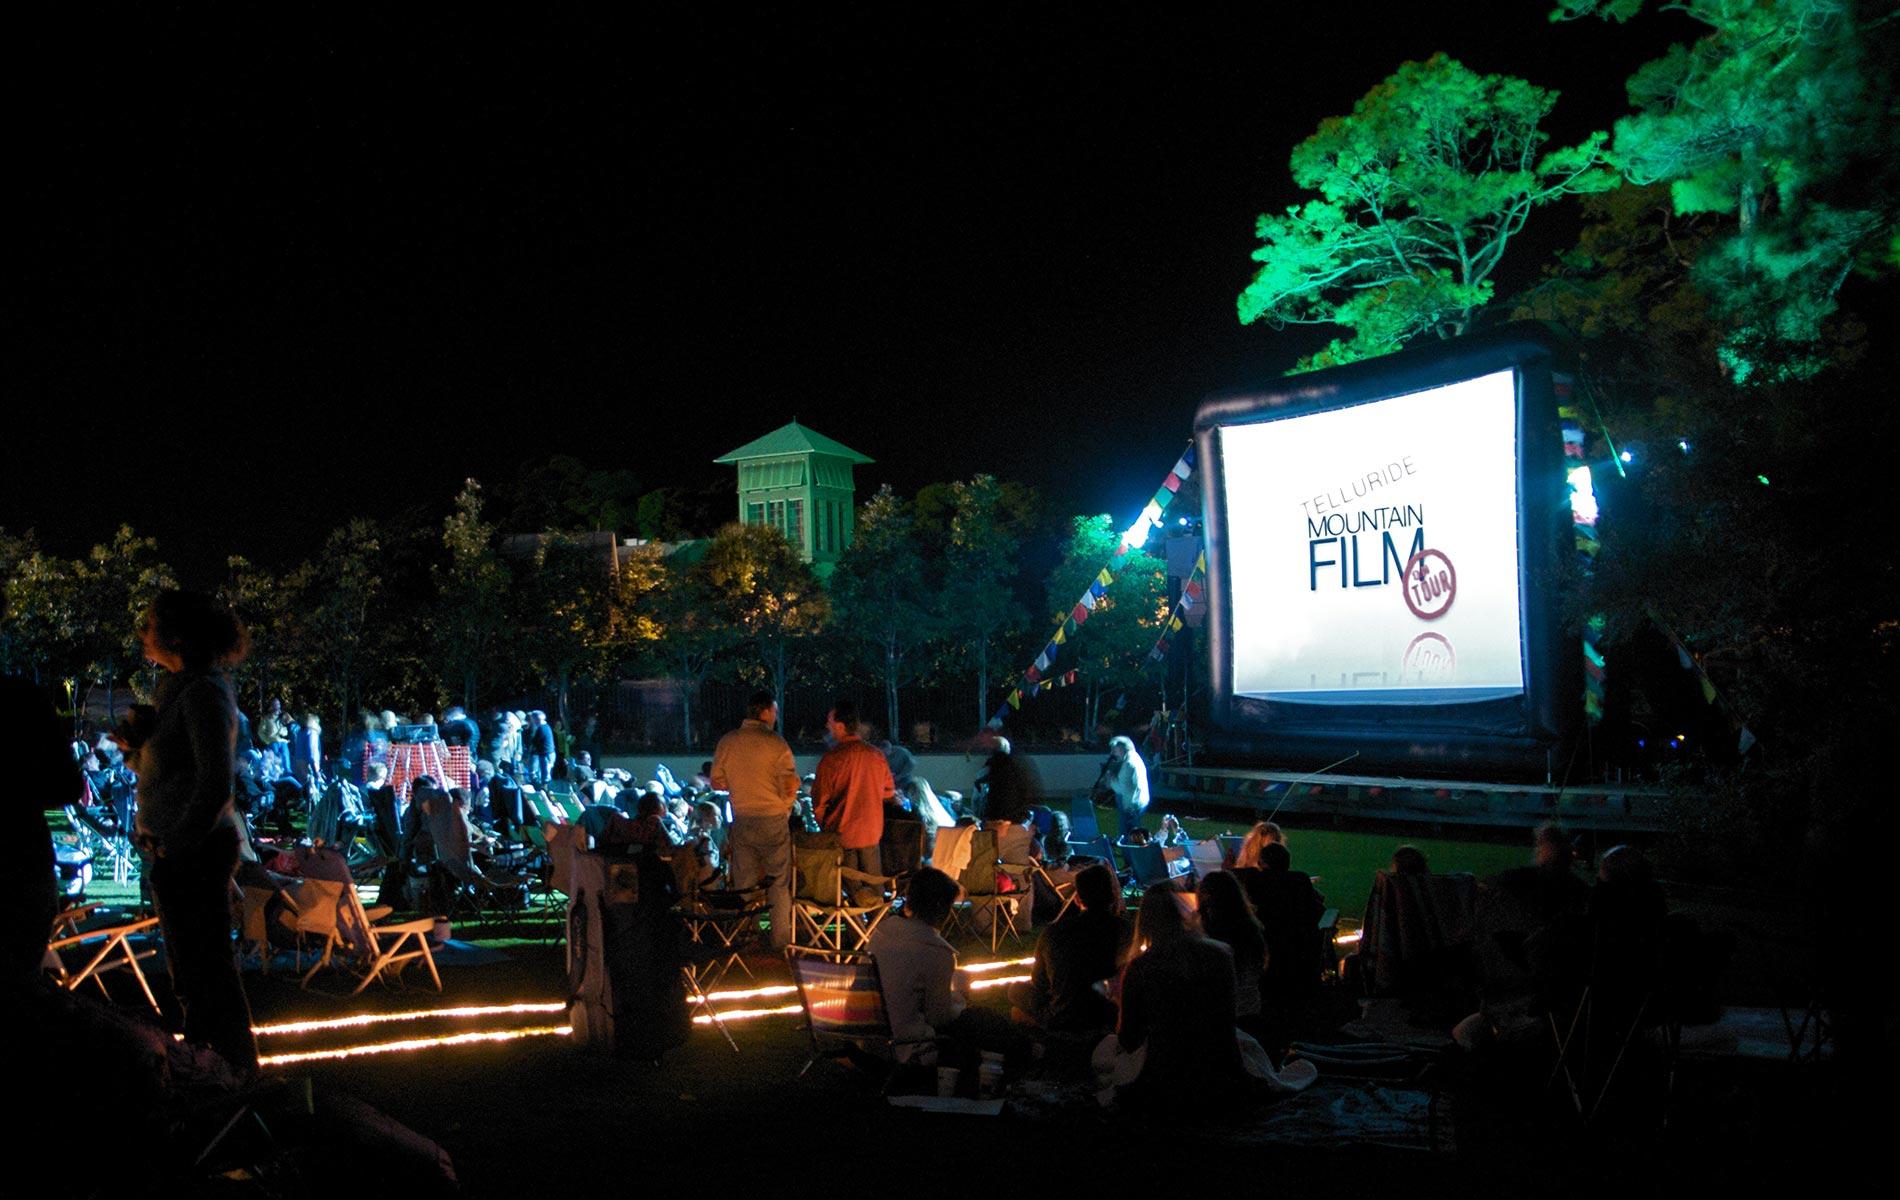 vie-magazine-mountain-film-festival